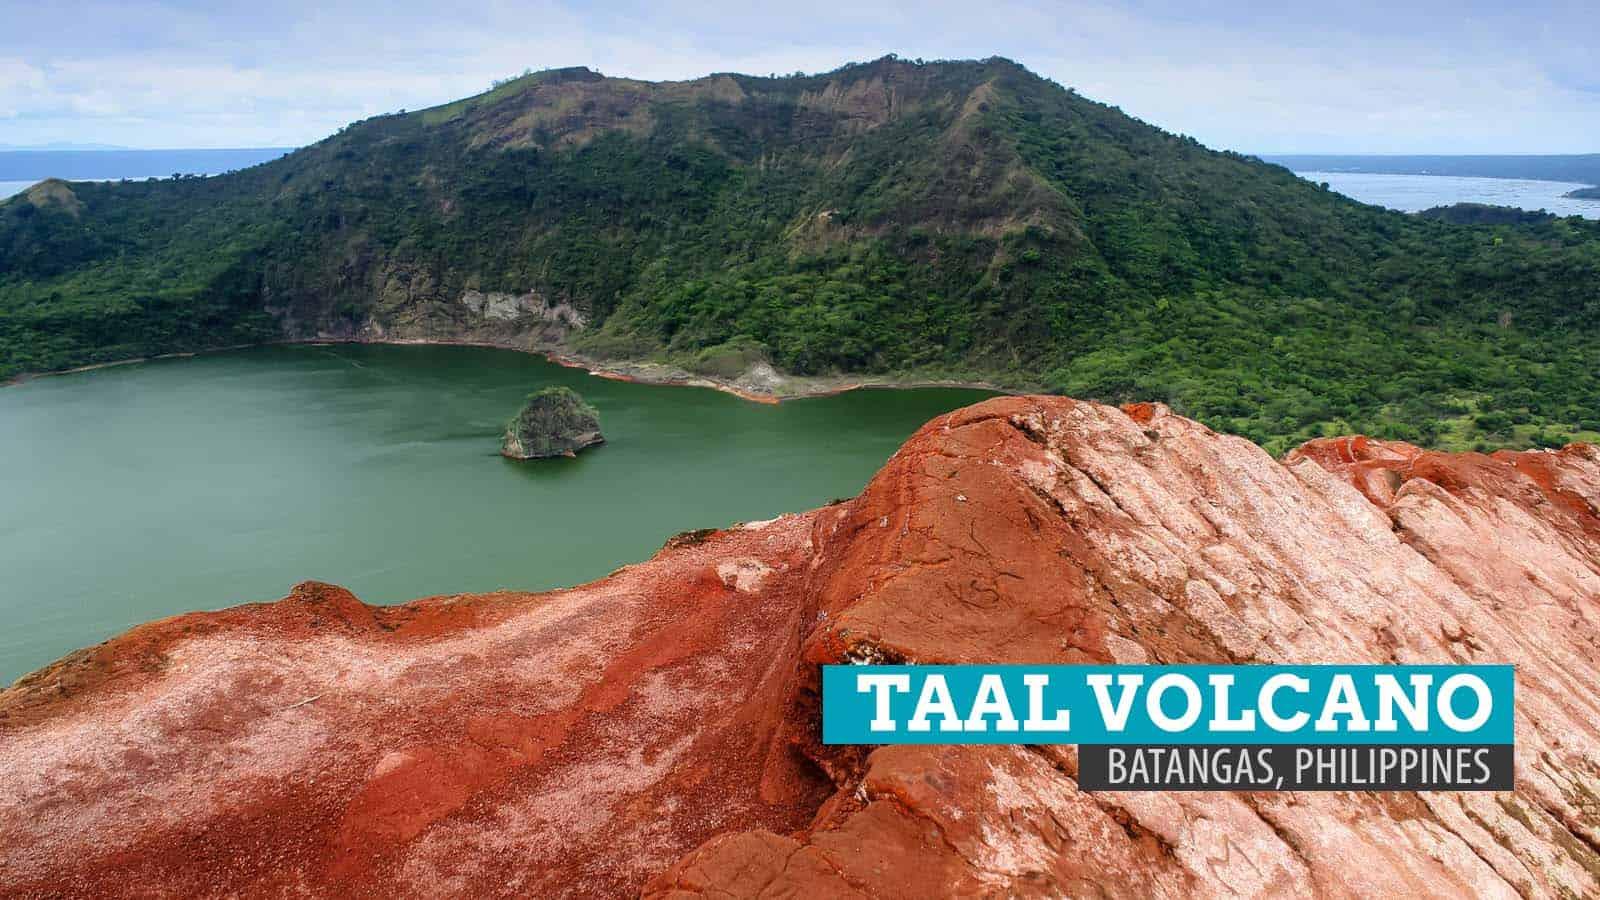 塔尔火山口。跋涉到菲律宾八打雁的火热内脏 | 穷游者的行程博客